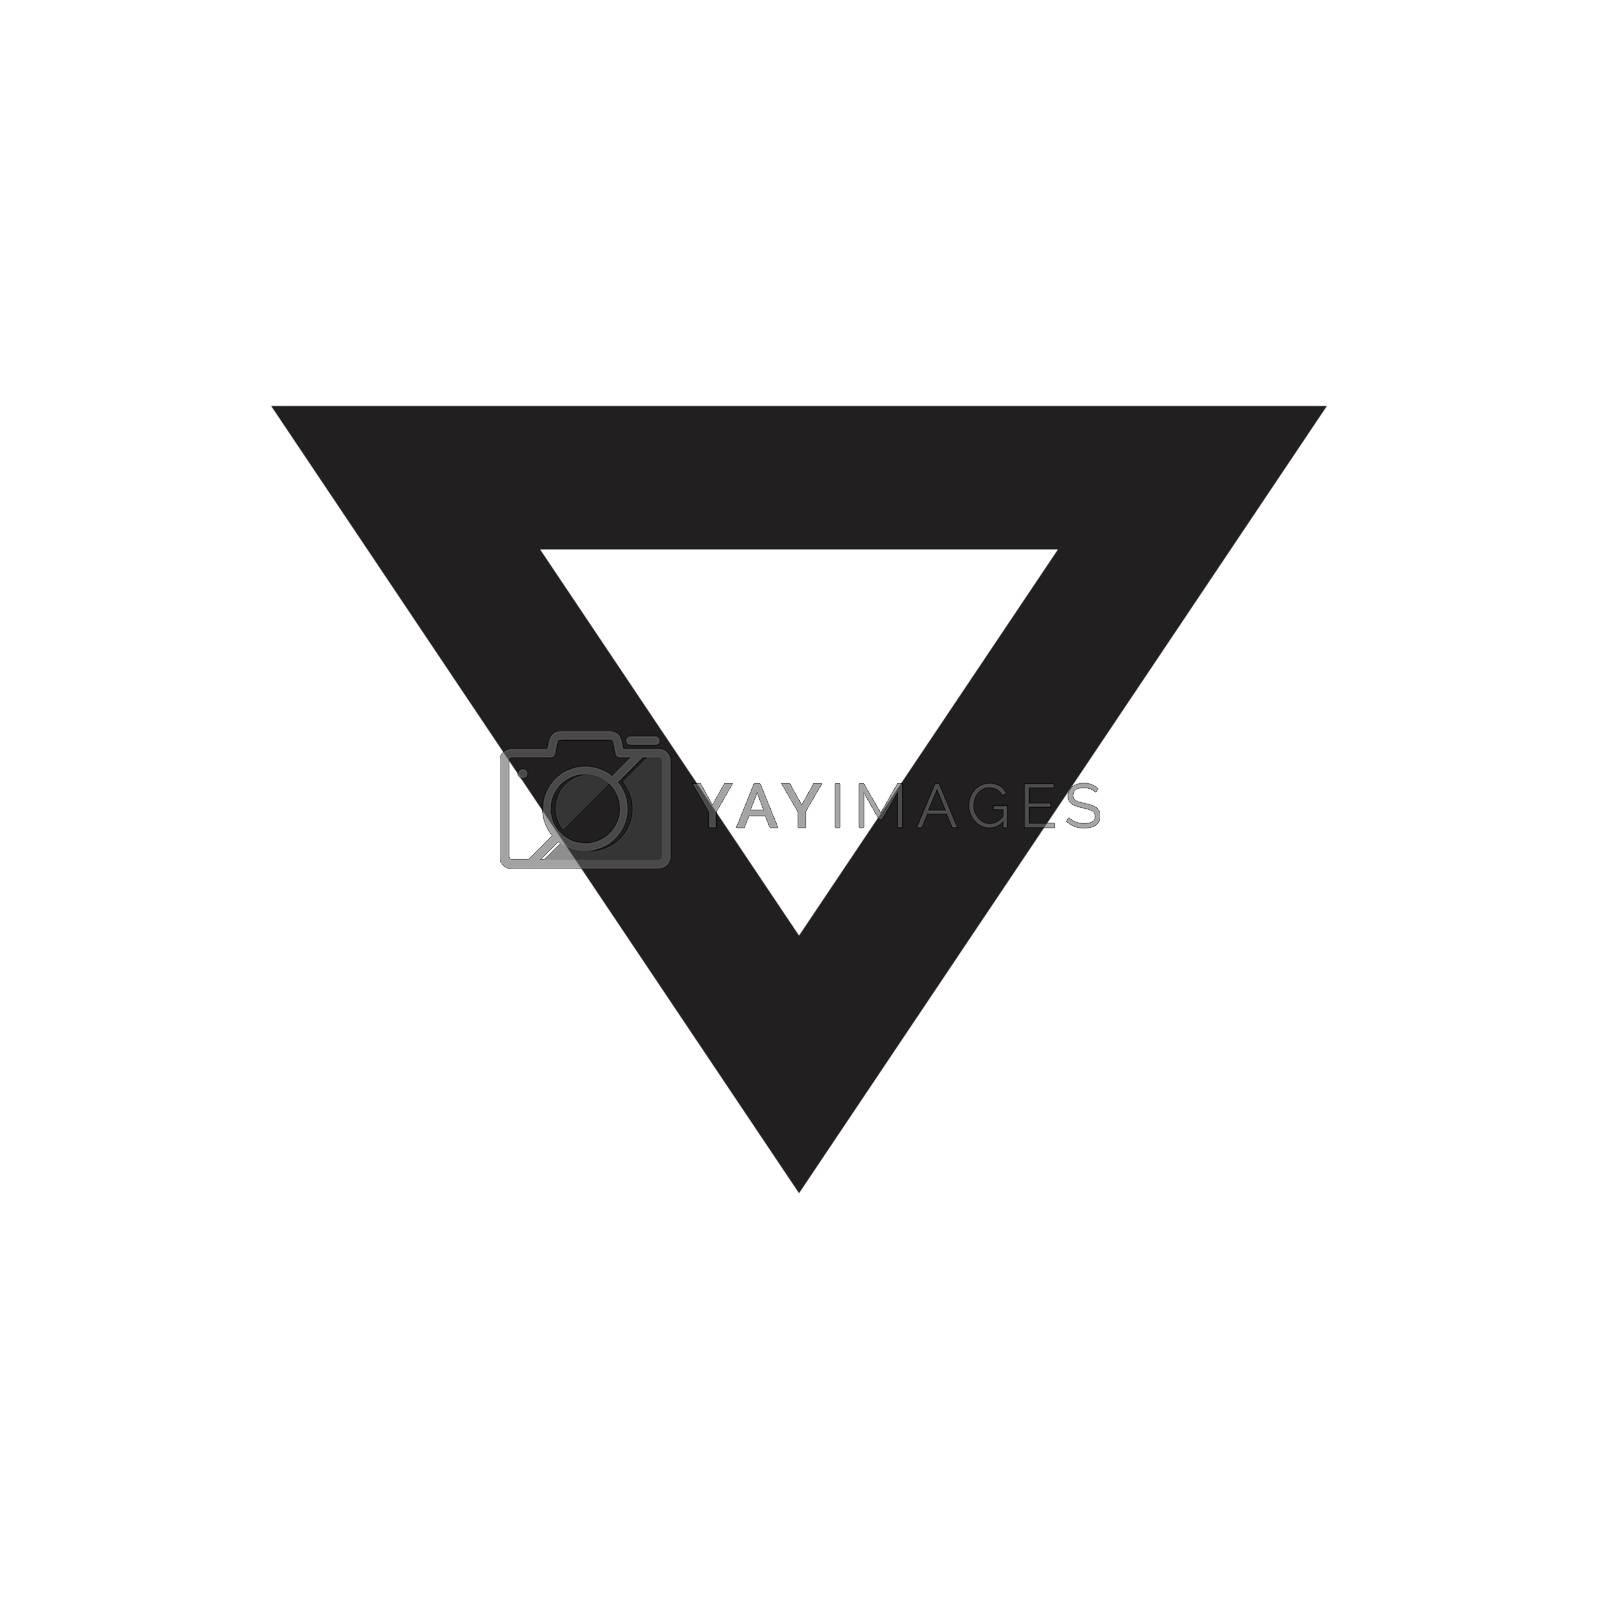 Down Arrow